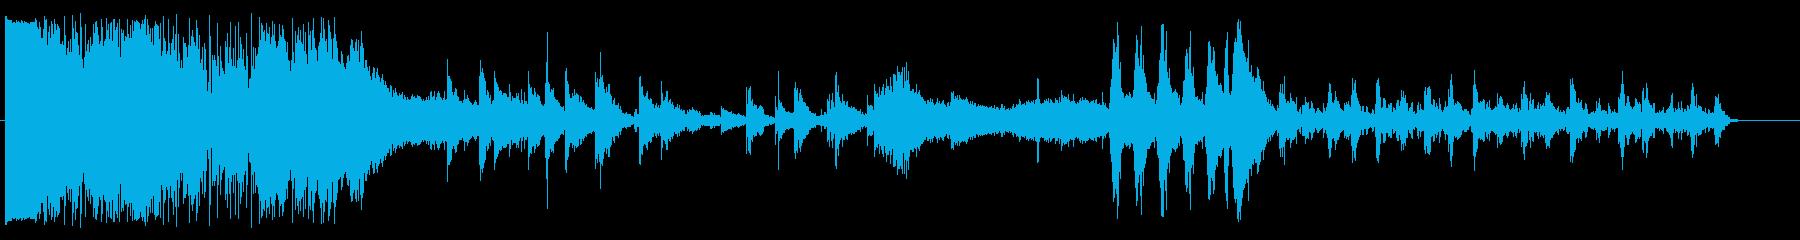 前半激しく、後半静かなホラー系BGMの再生済みの波形